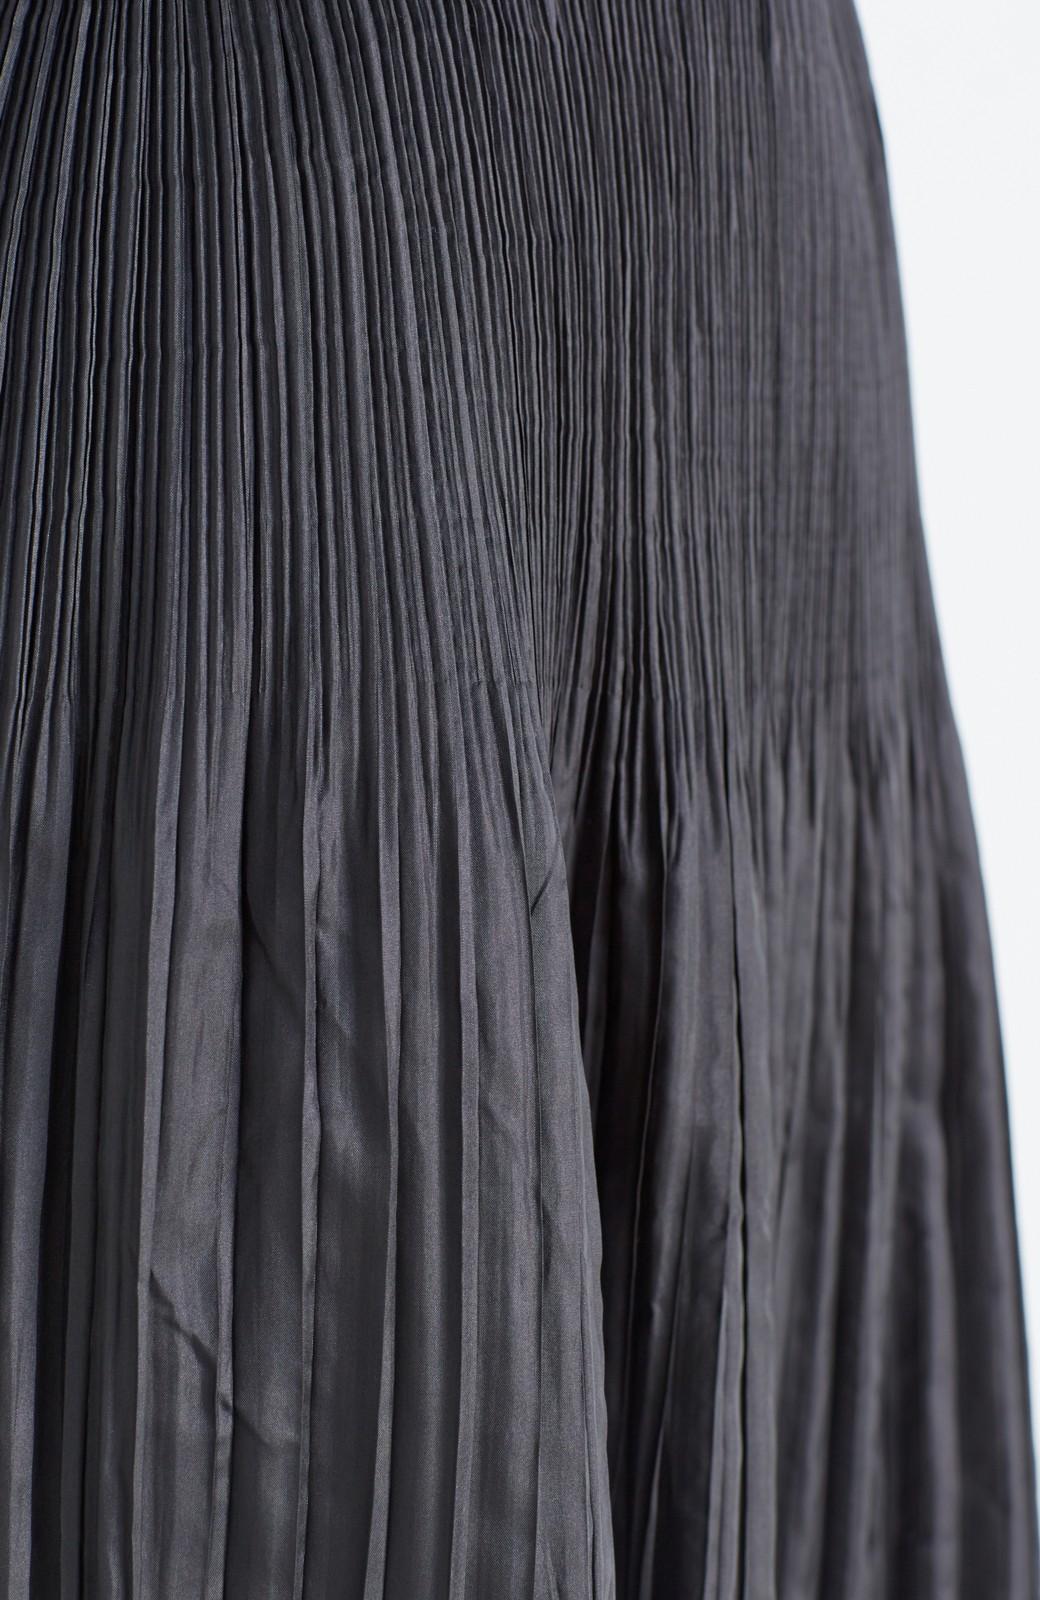 haco! 予定に合わせて楽しめる 旅にベンリなランダムプリーツリバーシブルスカート <ブラック系その他>の商品写真6